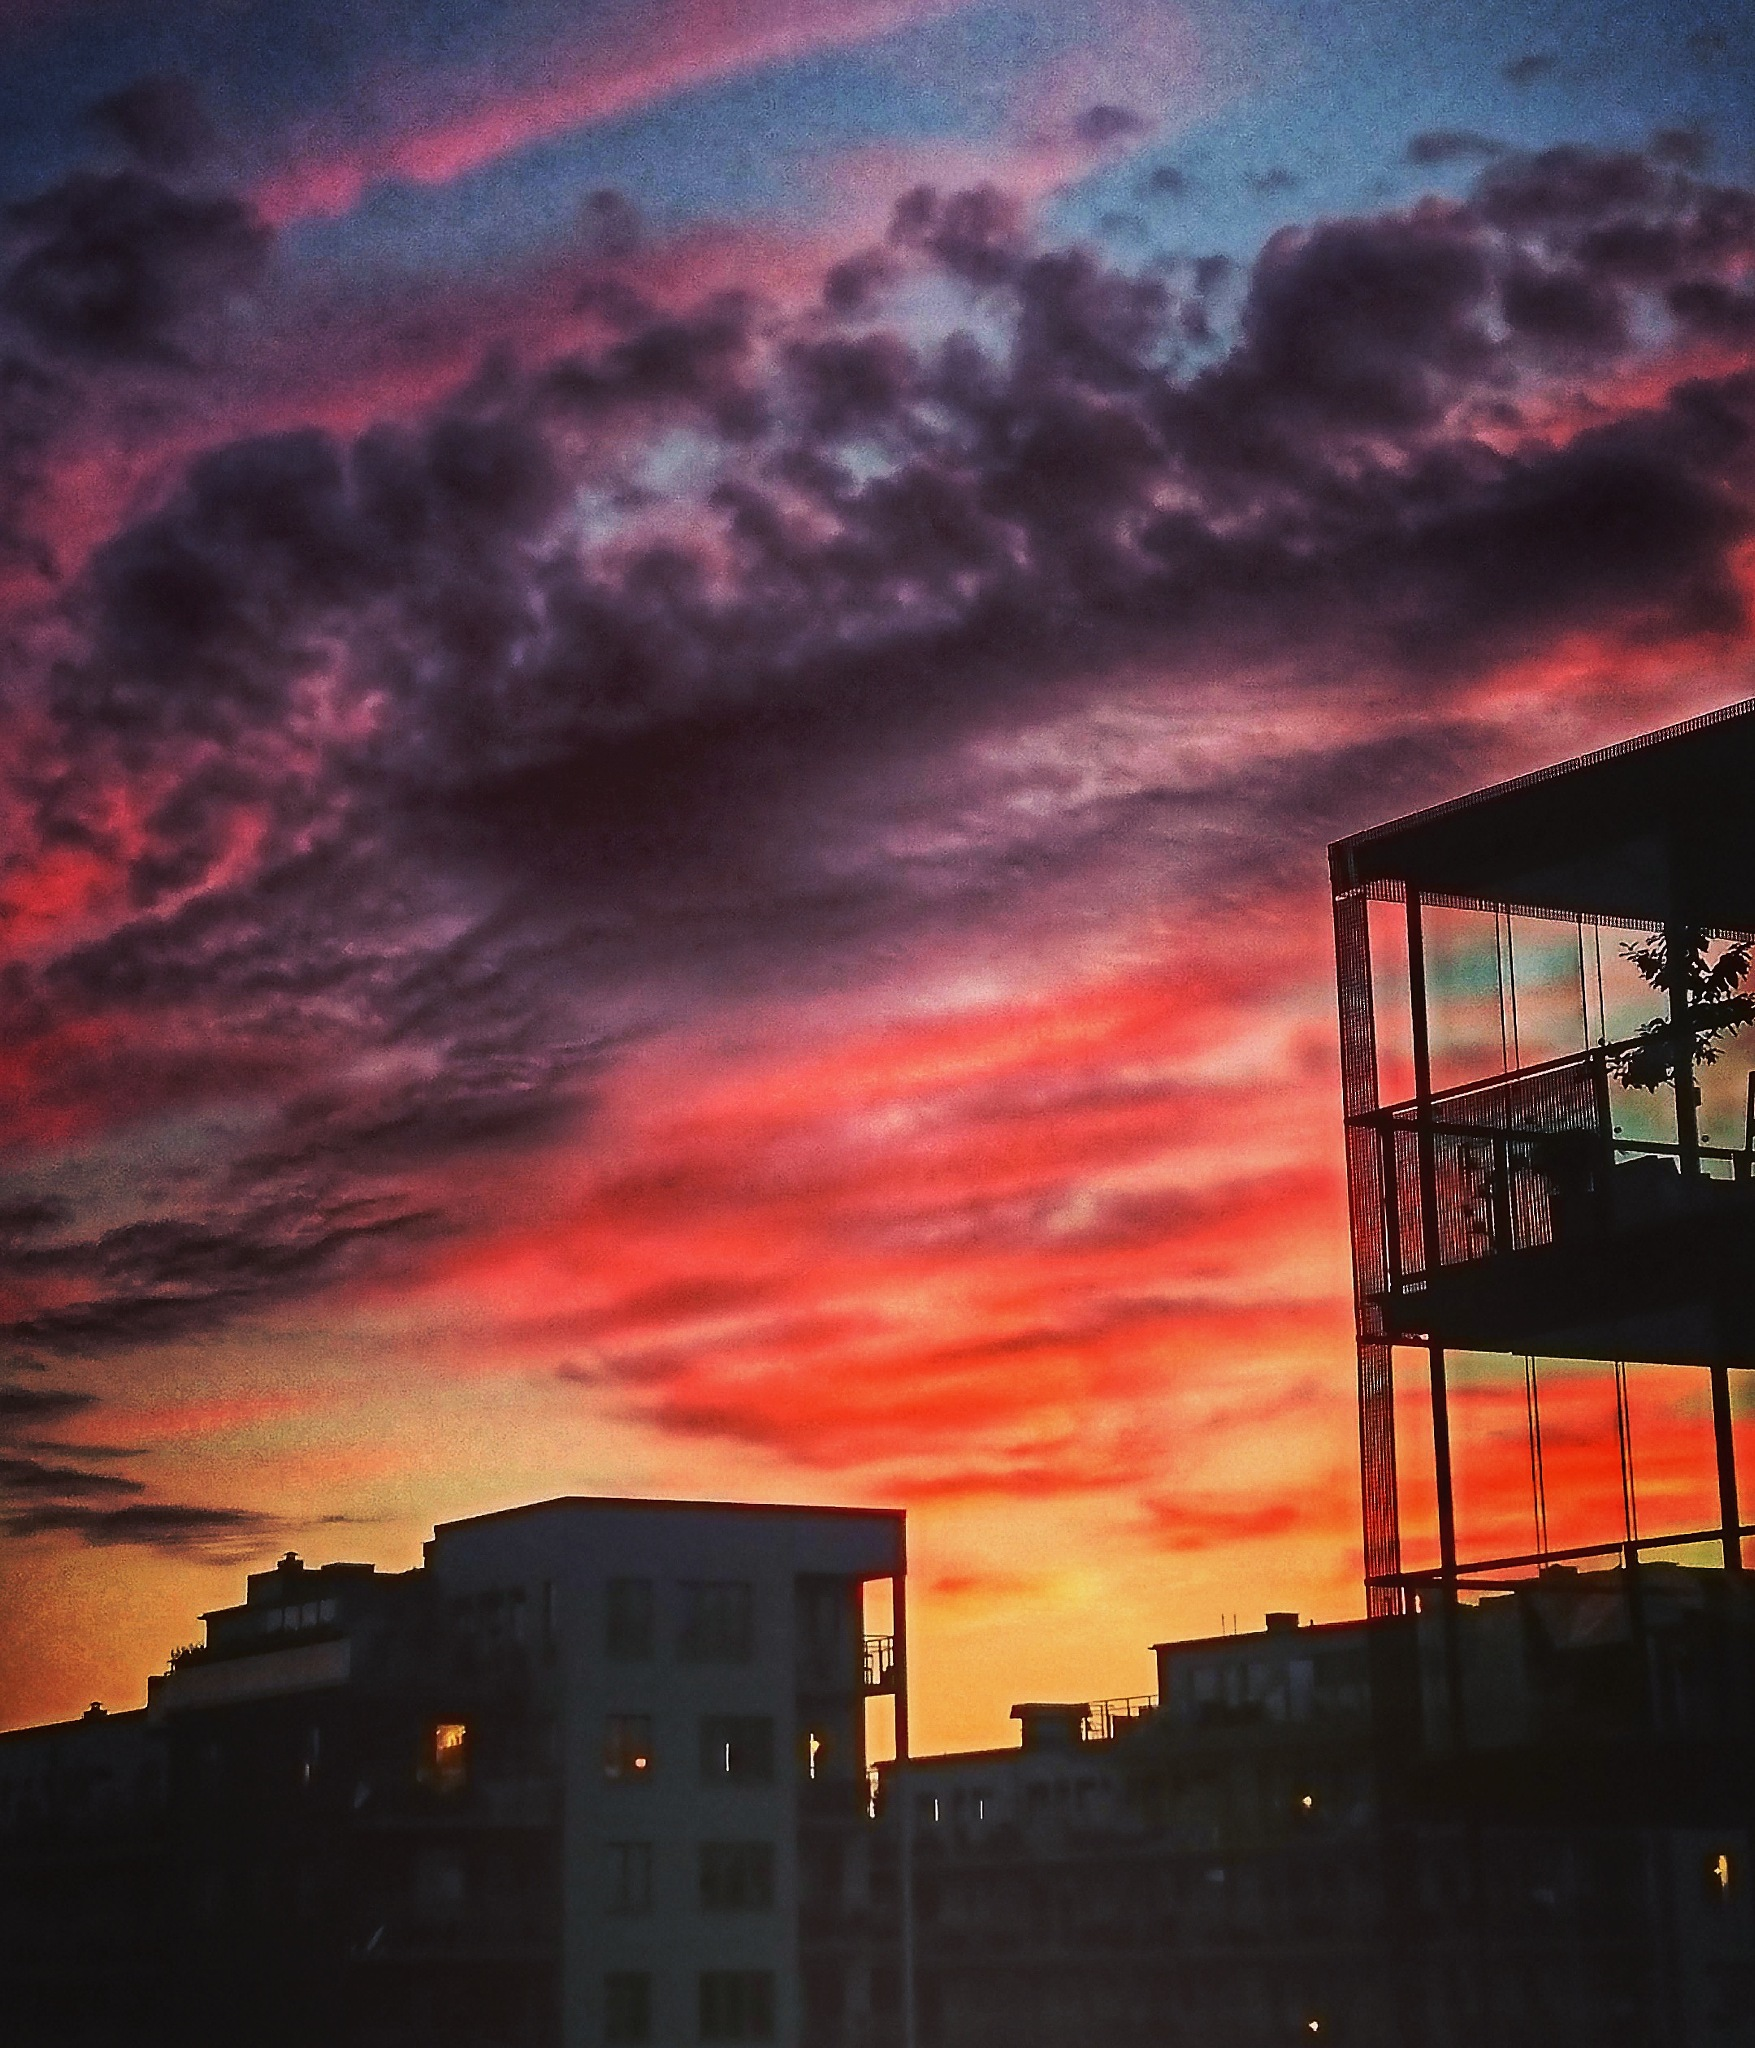 #sunset  by Krister Honkonen